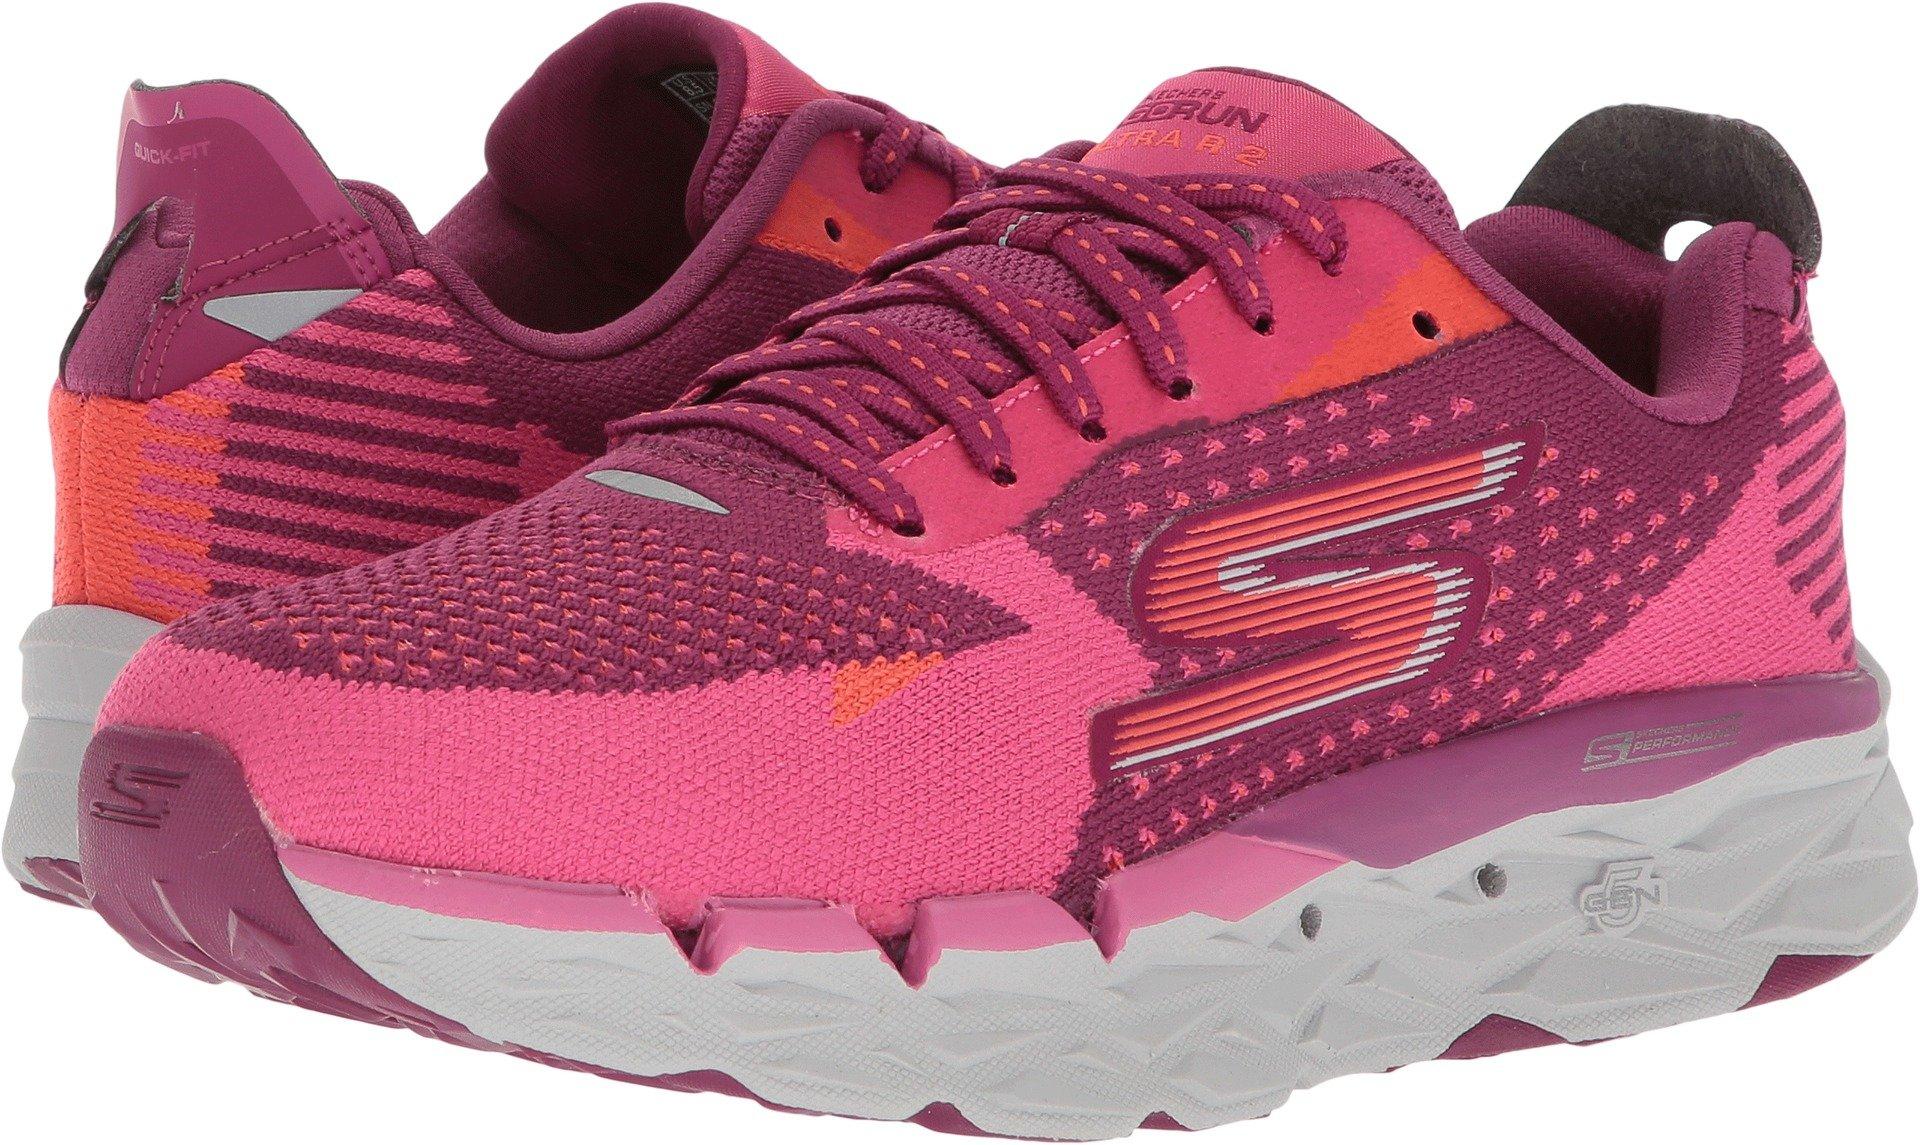 Skechers Women's Go Run Ultra R Purple/Pink 8 B US